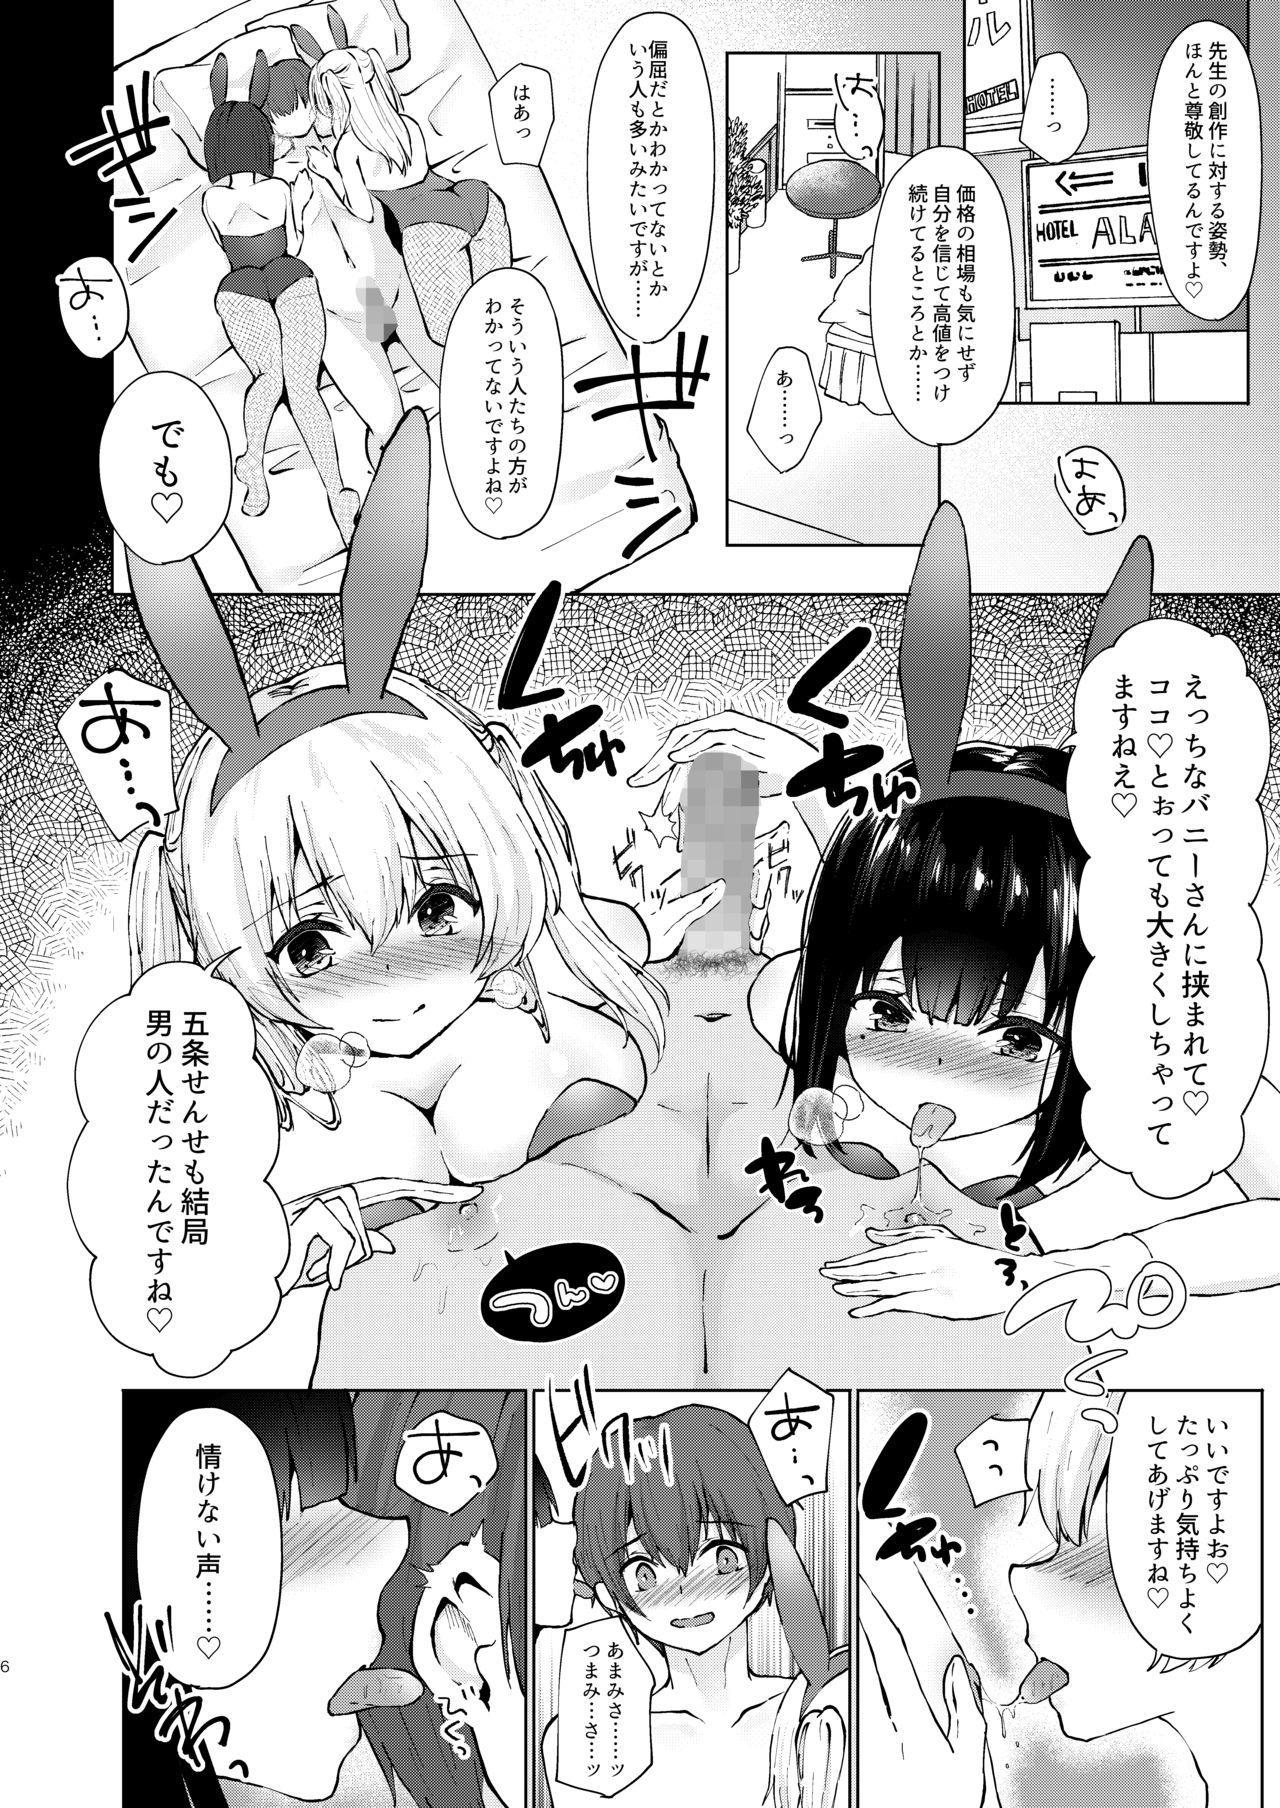 Kamieshi Mushouka Keikaku 6